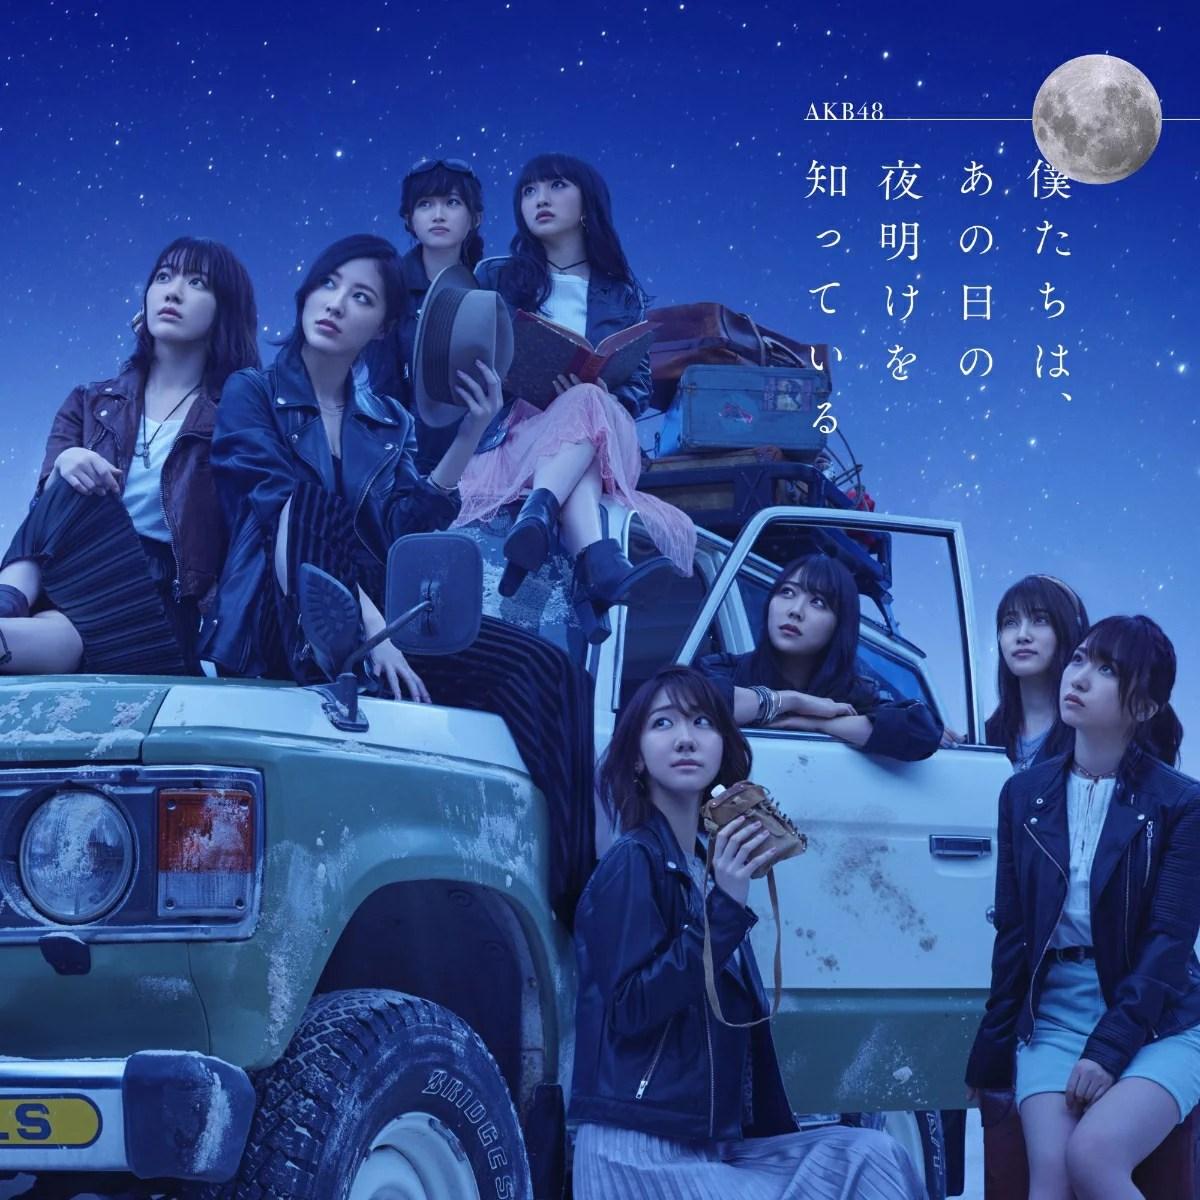 【楽天ブックス限定先着特典】僕たちは、あの日の夜明けを知っている (Type-B) (向井地美音撮り下ろしミニカレンダー&生写真付き) [ AKB48 ]